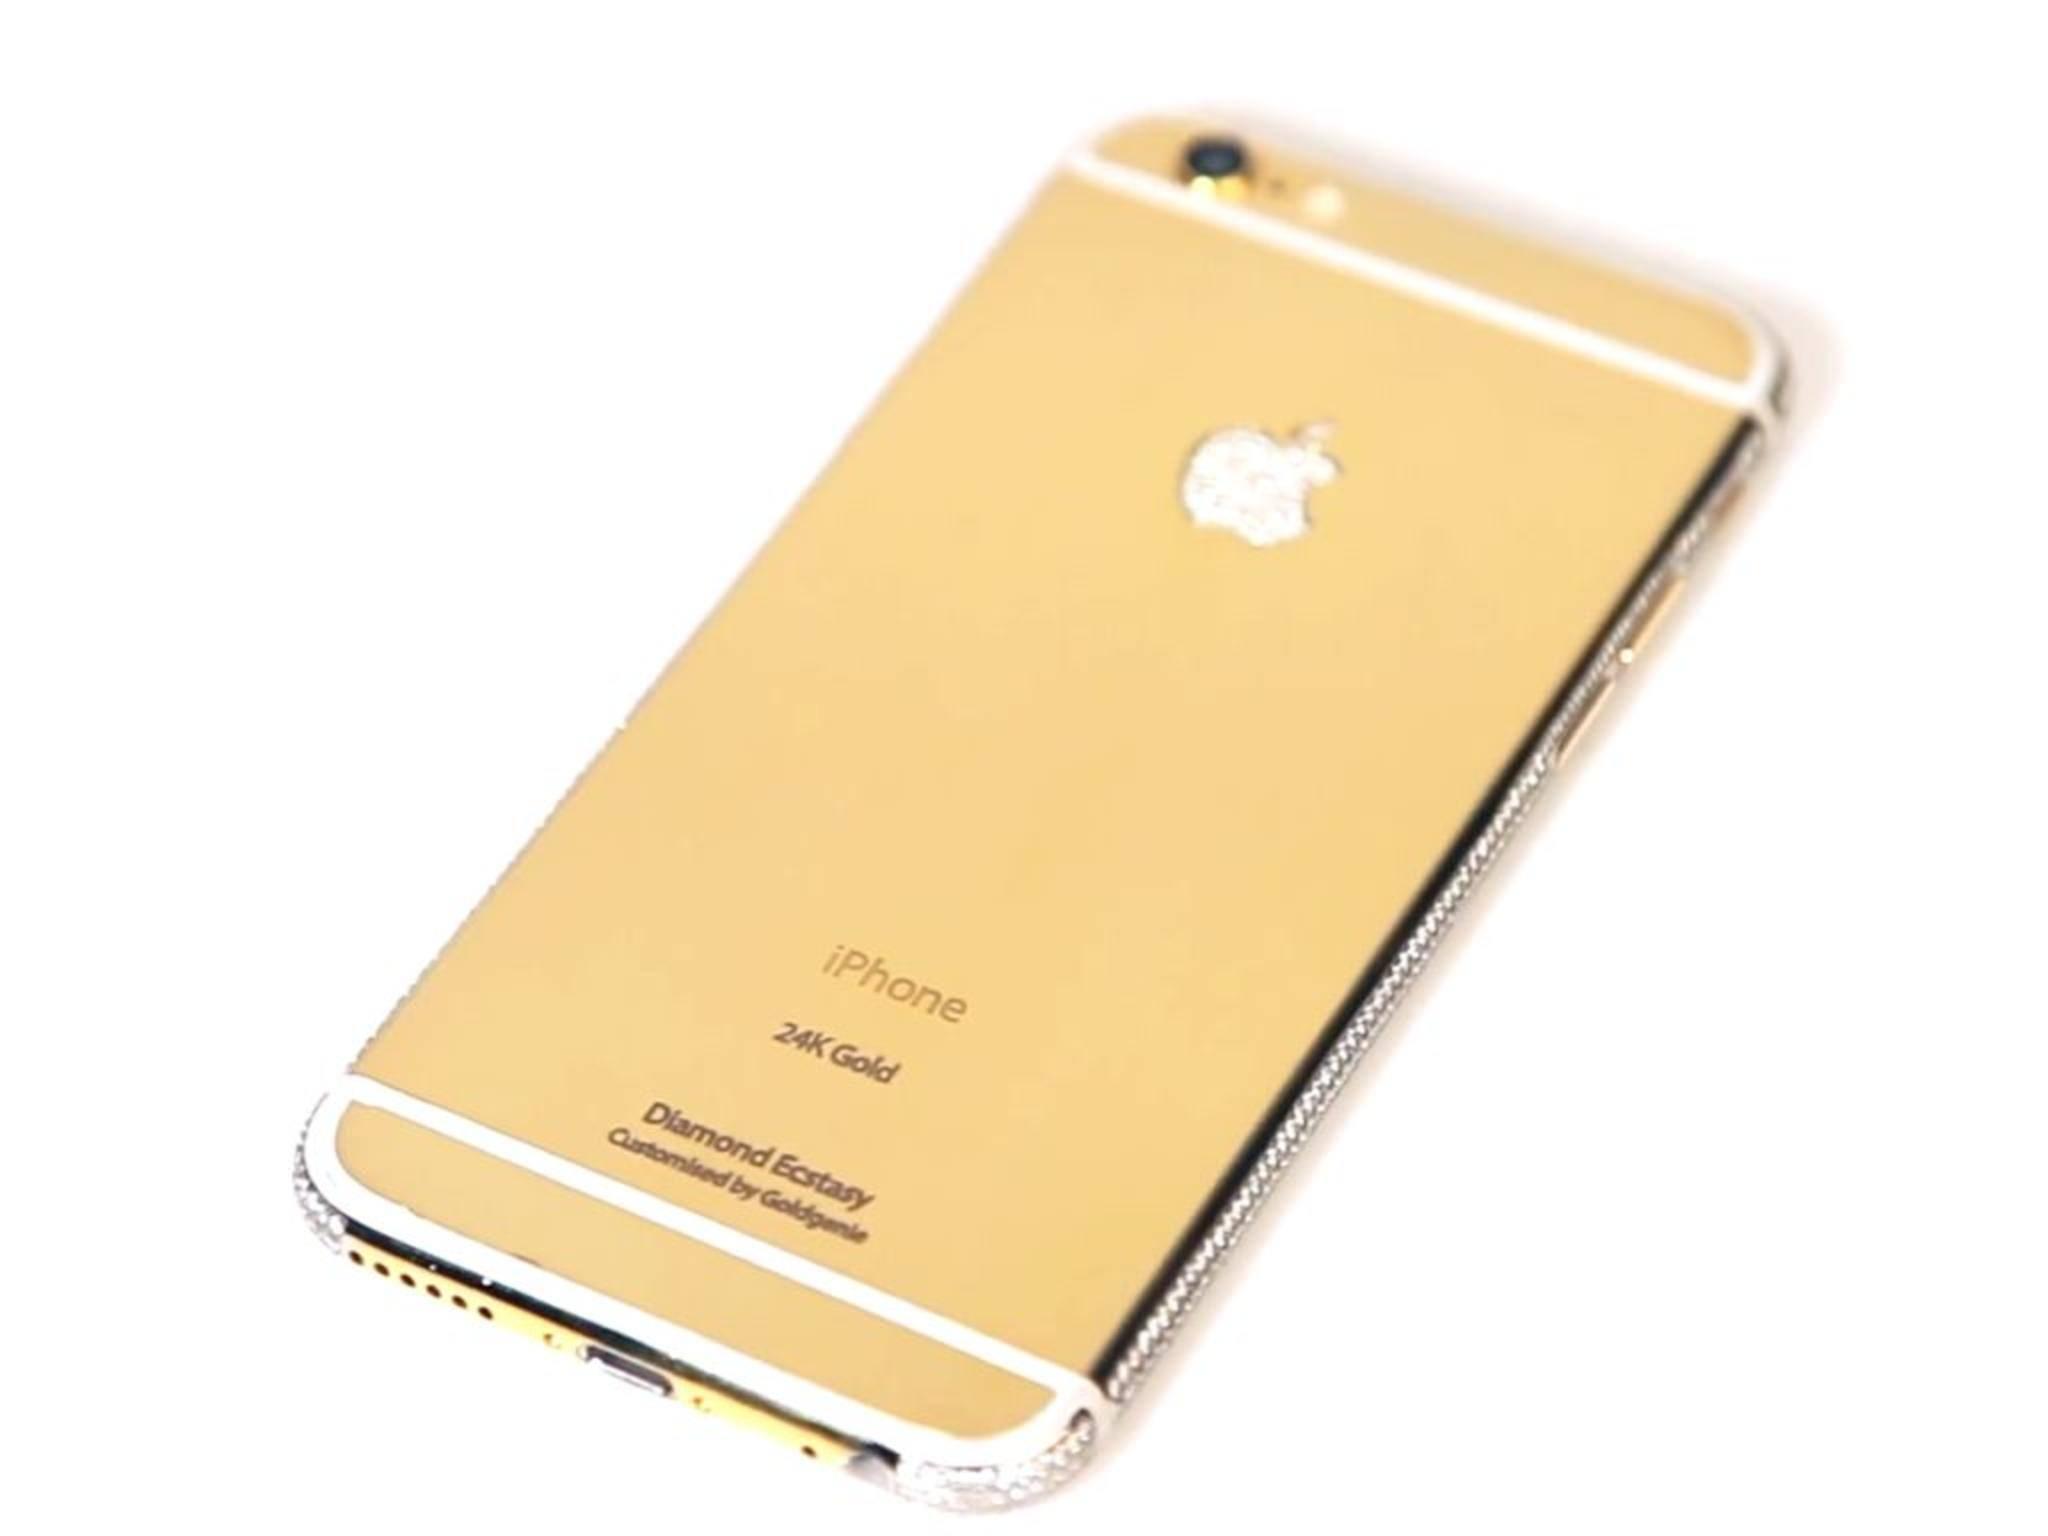 Was wohl die Versicherung dafür kostet? Ein goldenes iPhone 6 für rund 13.000 Euro.